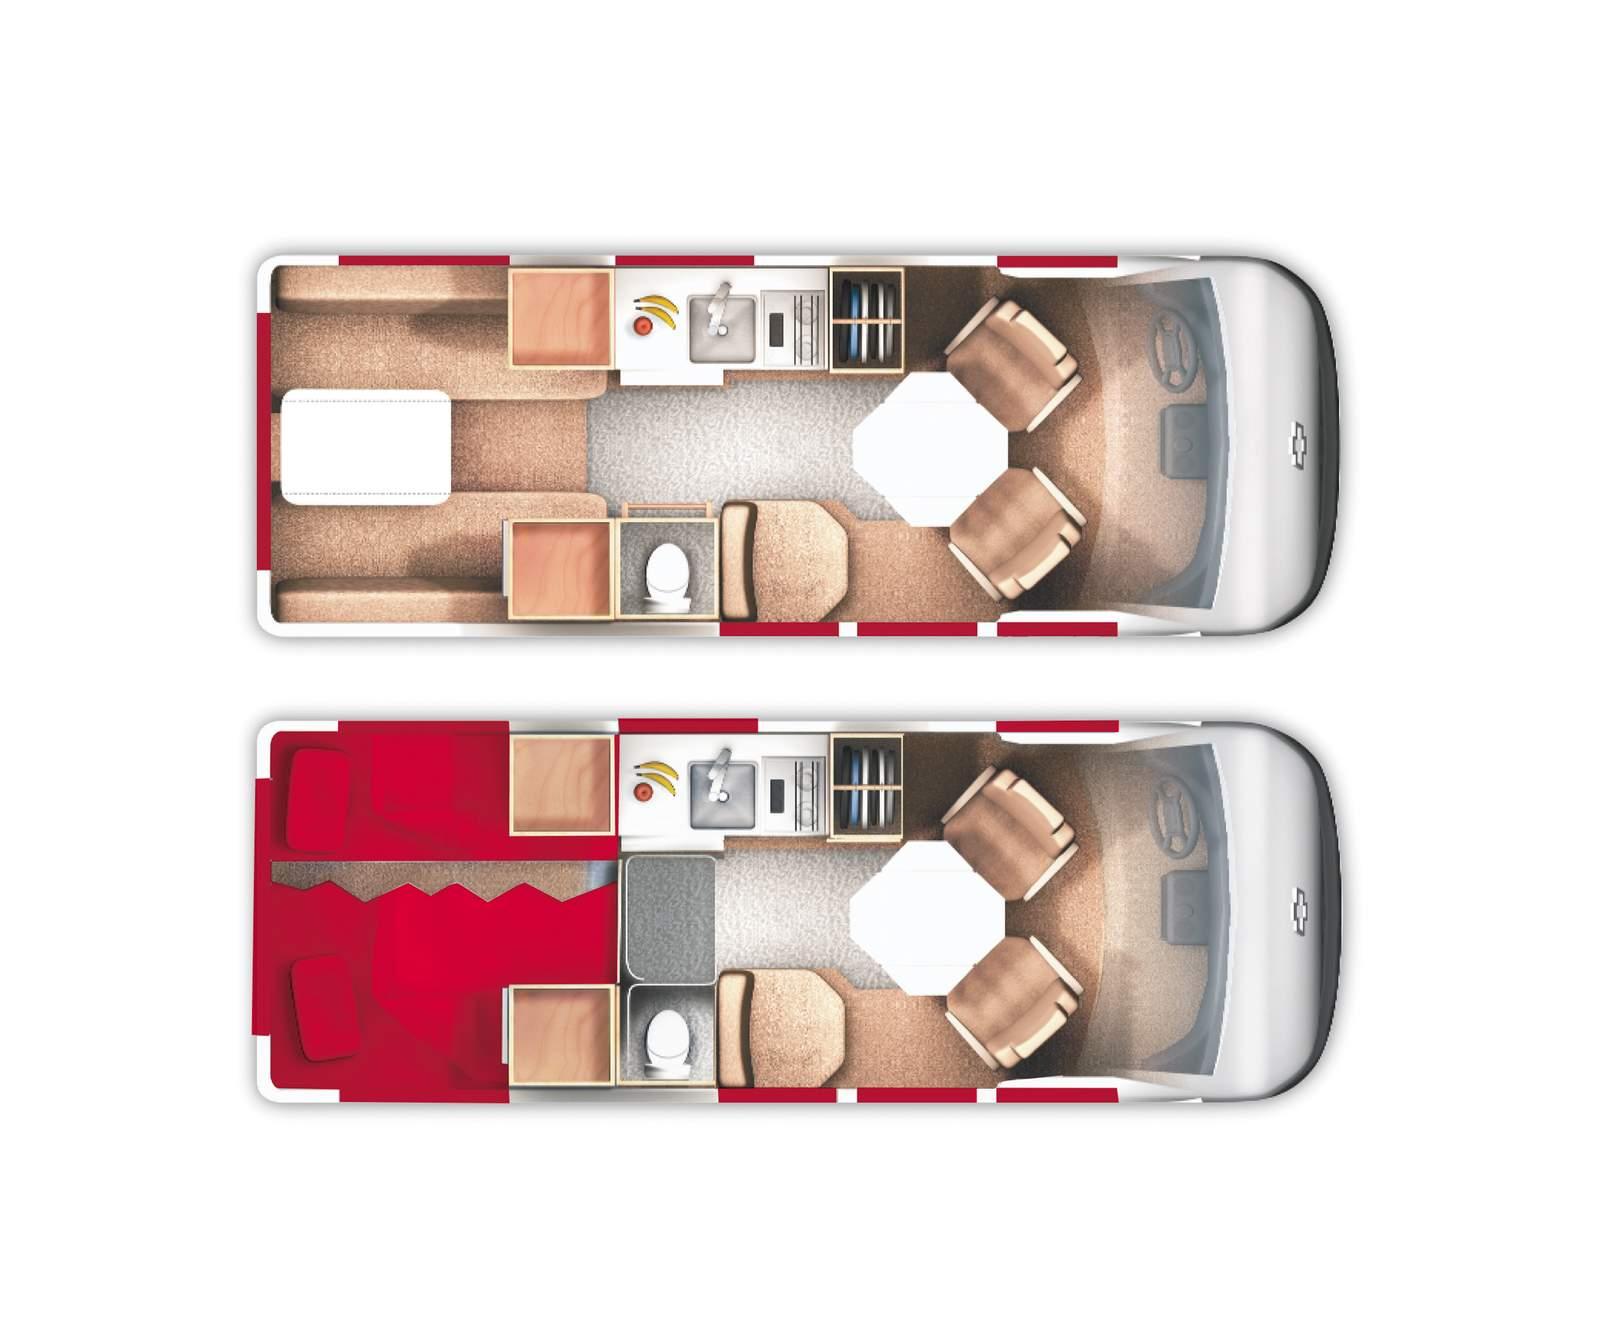 Deluxe Van Conversion 19